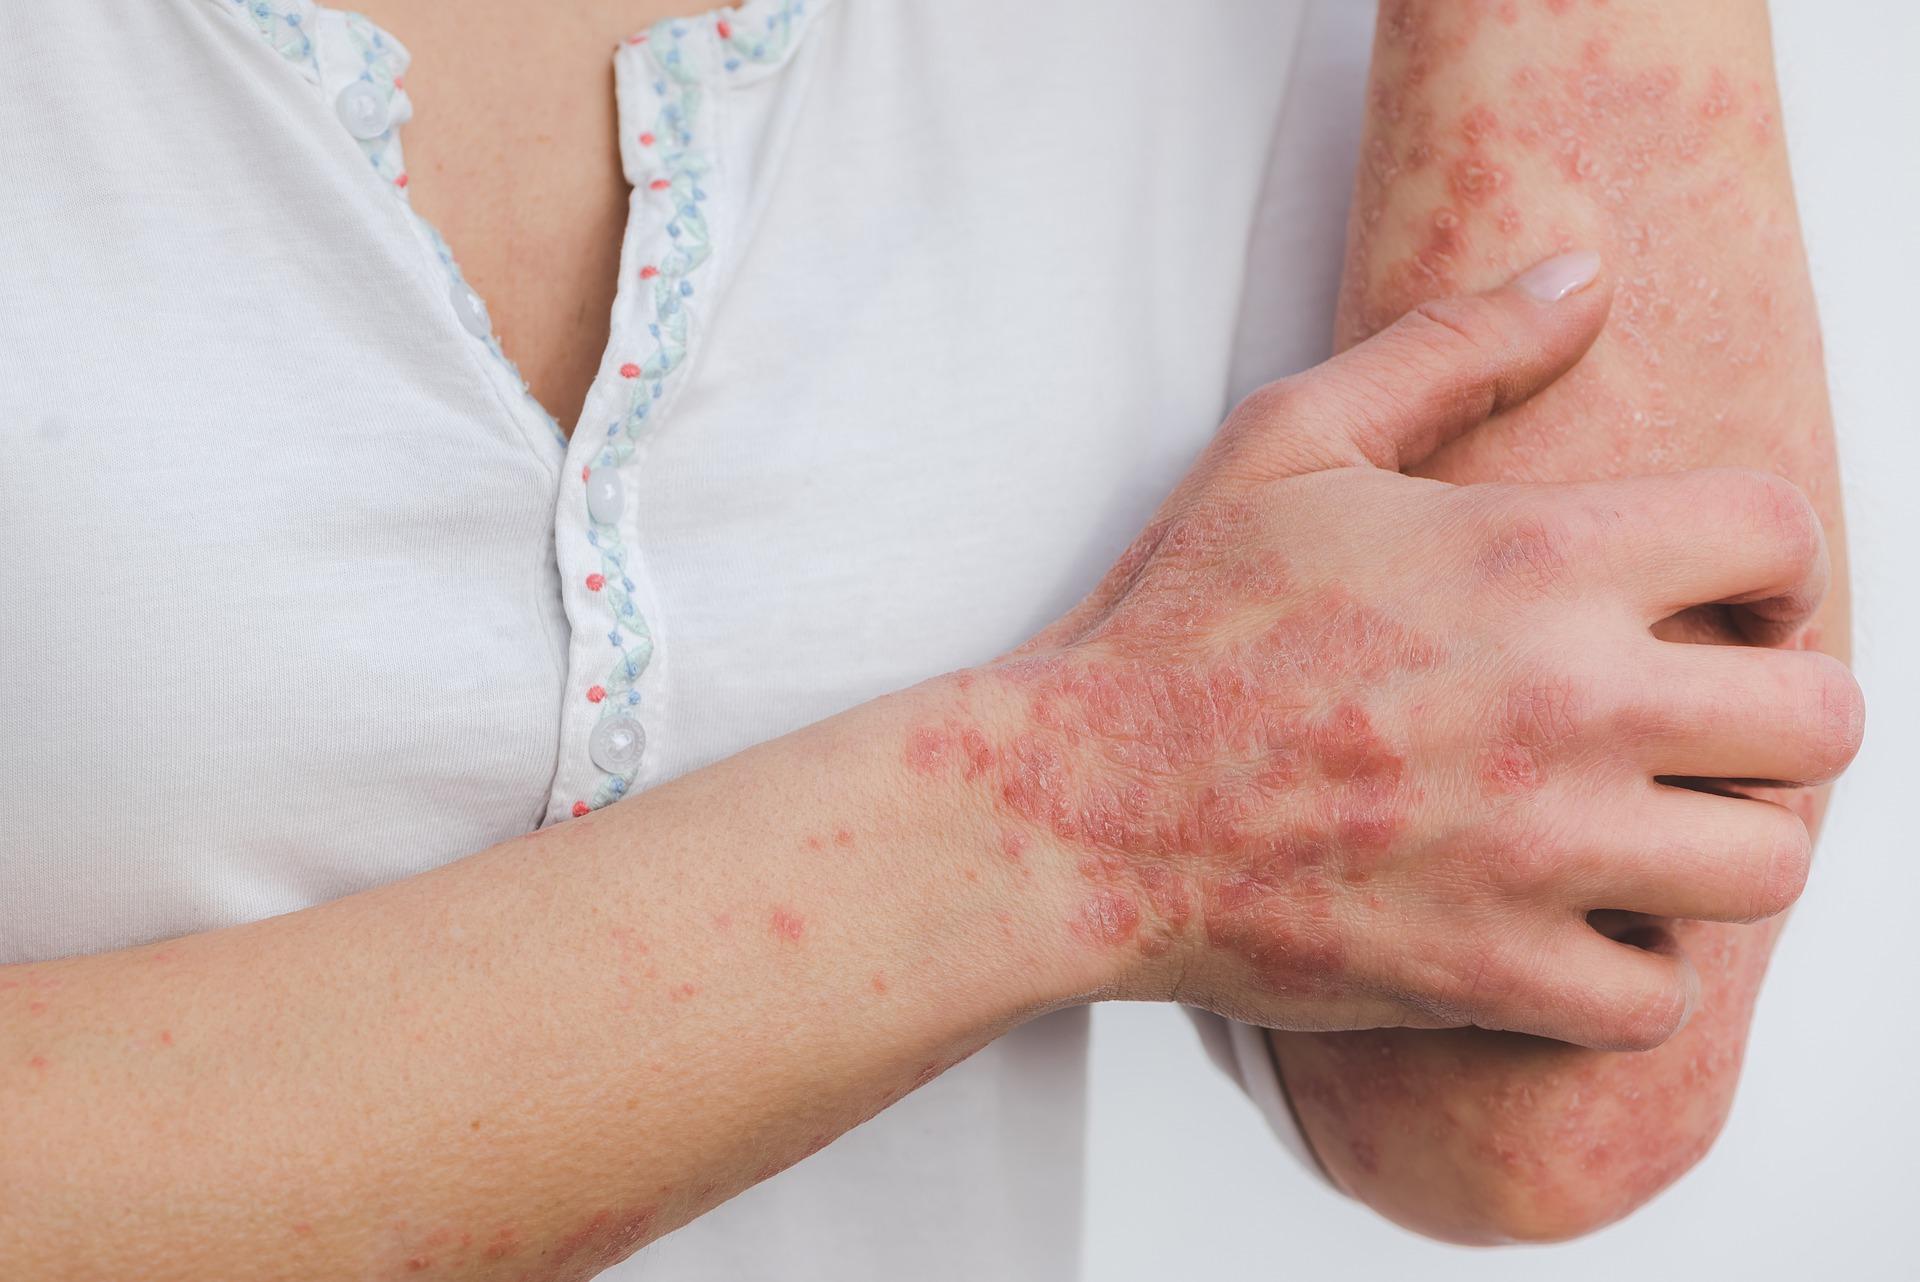 Quelles sont les solutions naturelles pour soigner le psoriasis ?